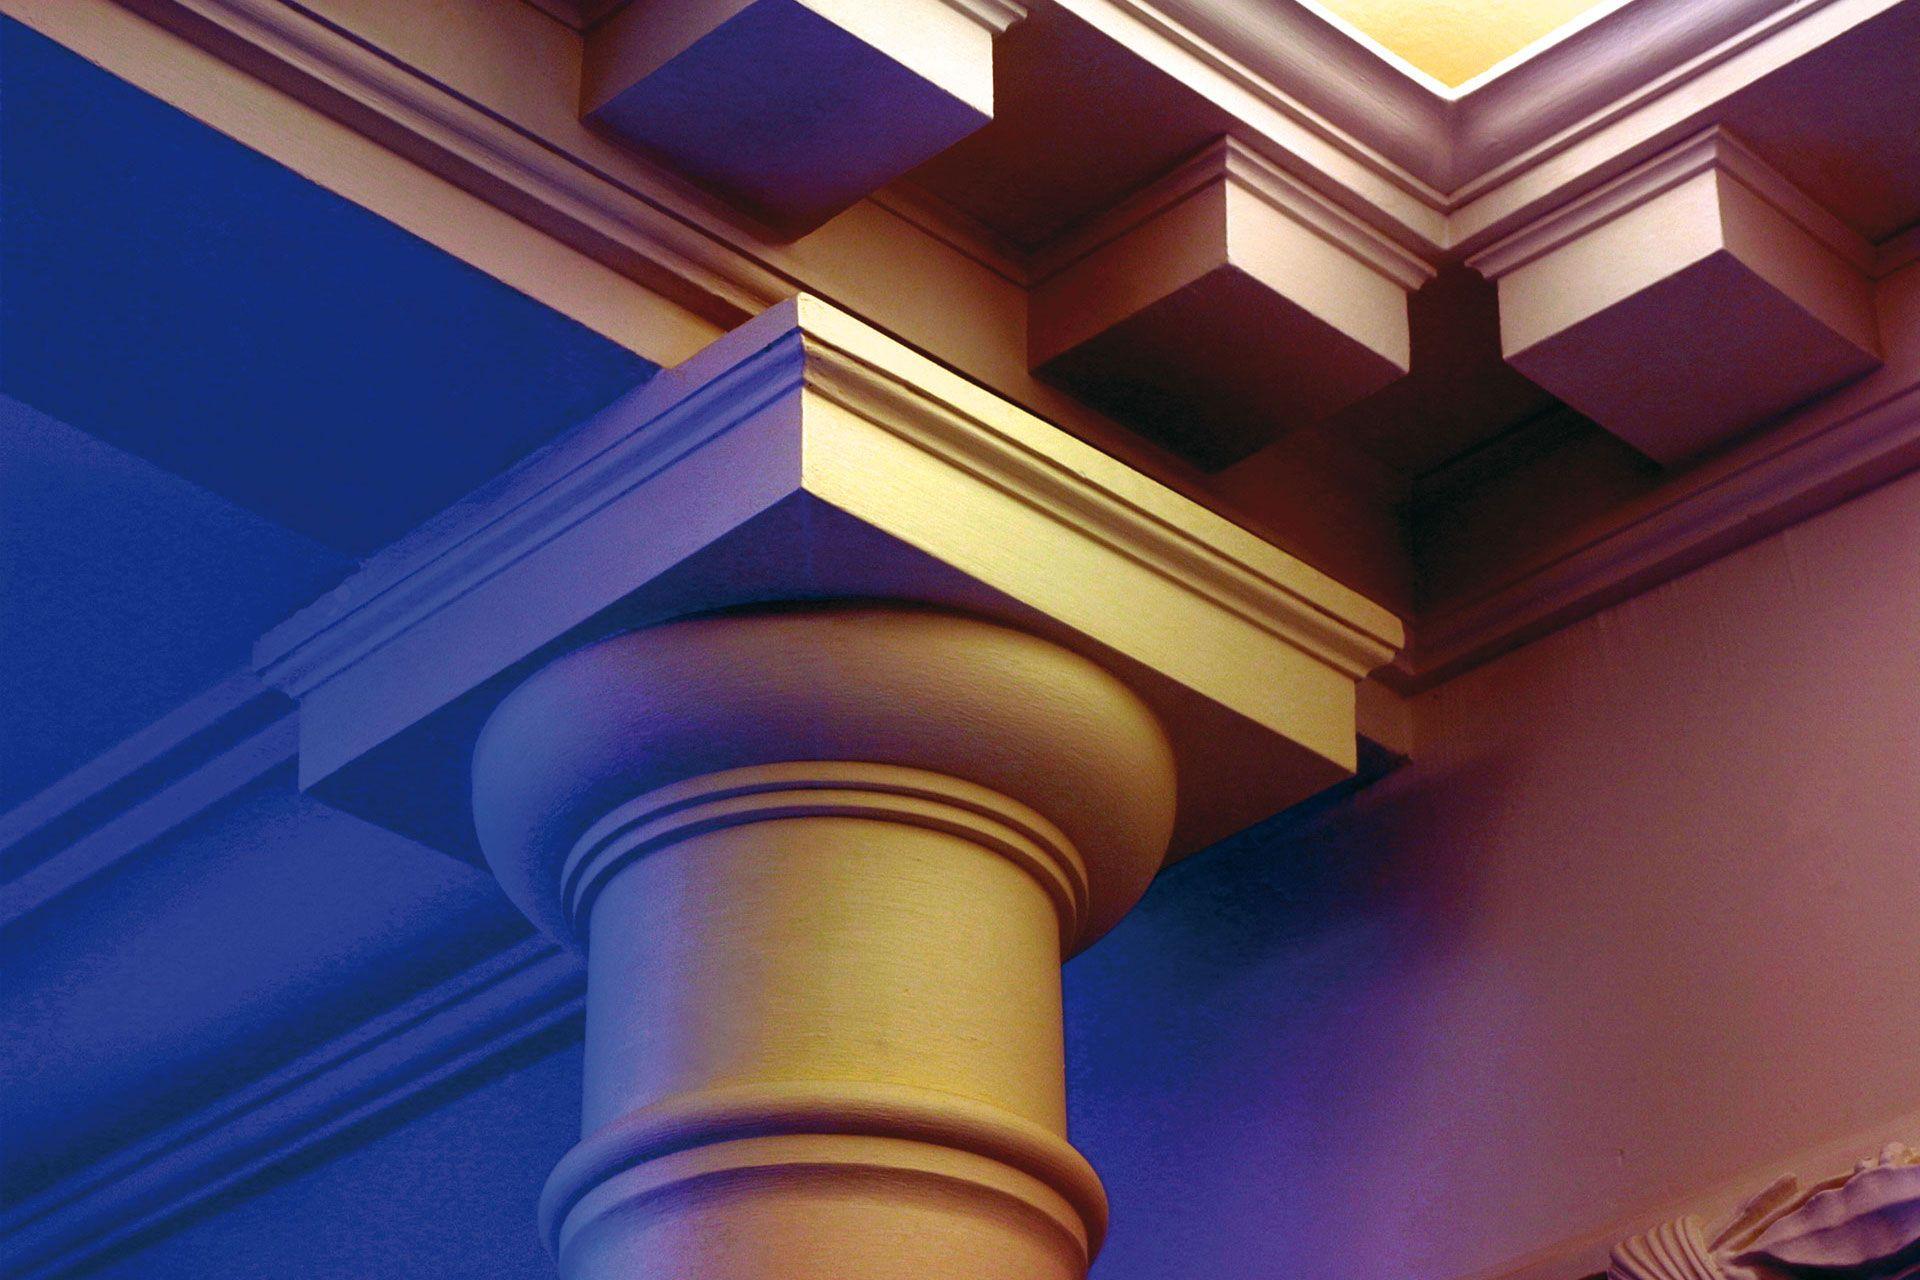 colonne romaine en platre best colonne grecque with colonne romaine en platre latest auberlet. Black Bedroom Furniture Sets. Home Design Ideas